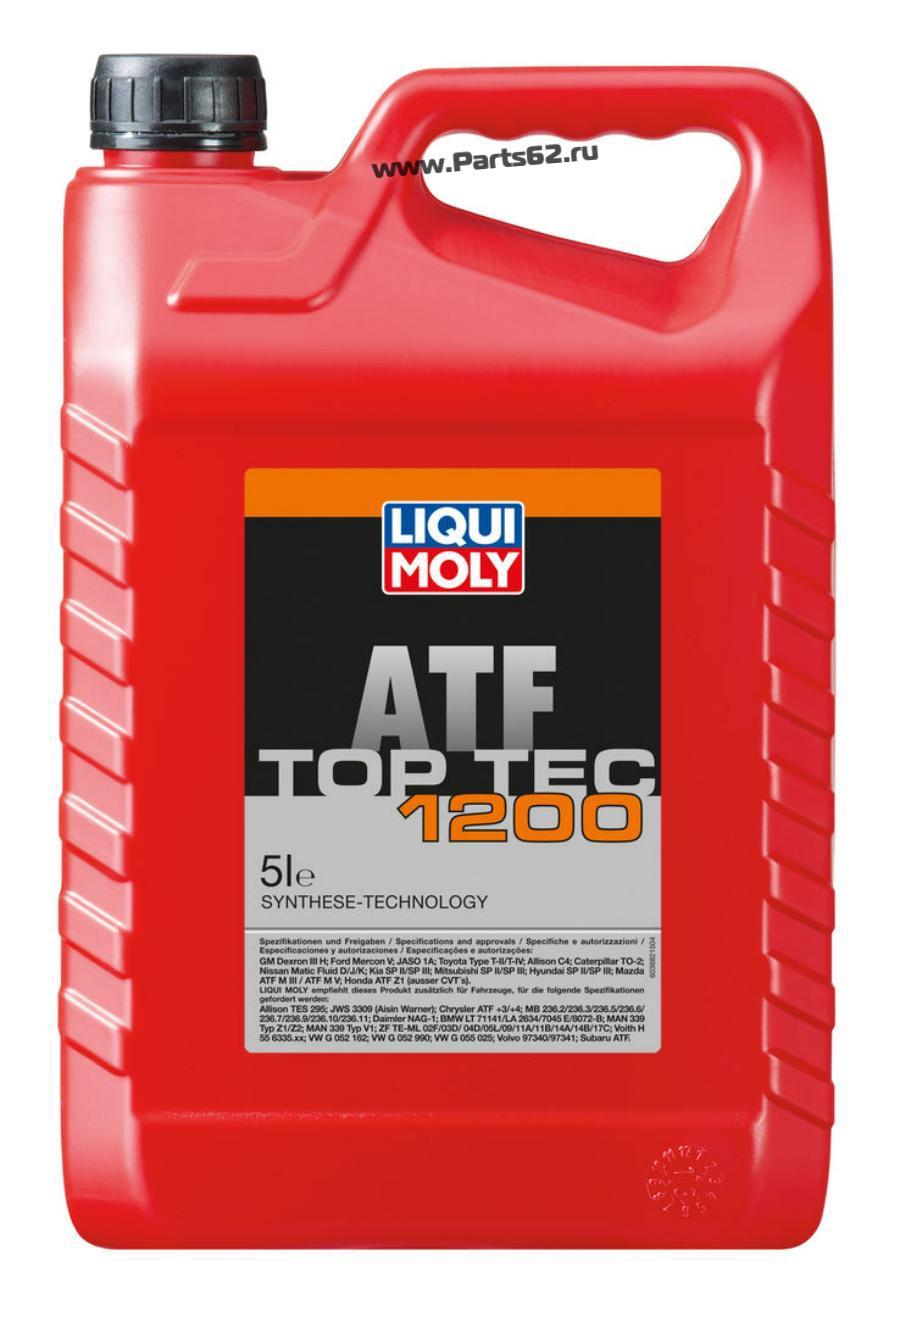 НС-синтетическое трансмиссионное масло для АКПП Top Tec ATF 1200, 5 л.